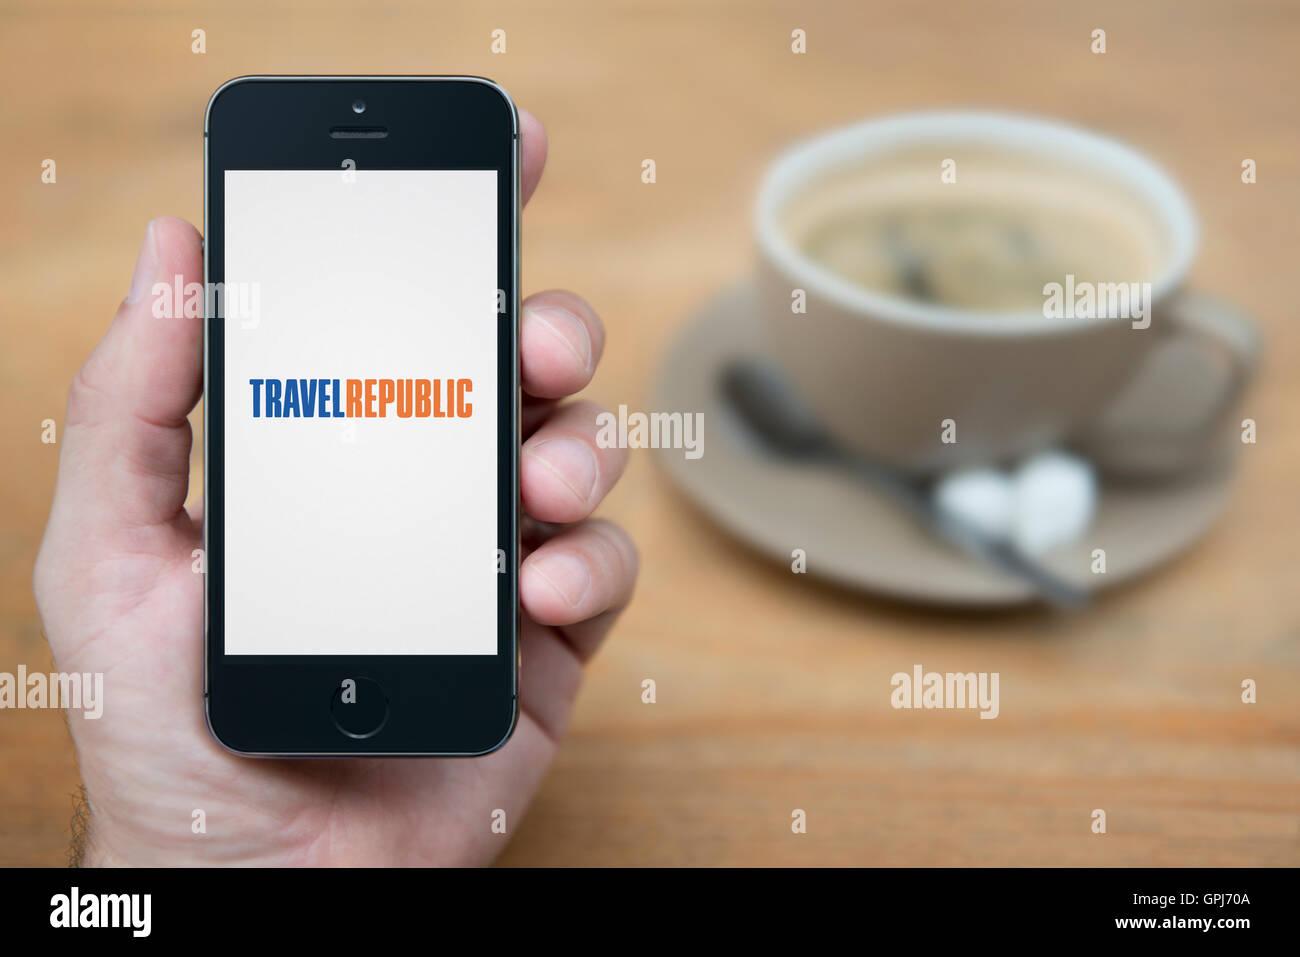 Un uomo guarda al suo iPhone che visualizza la Repubblica di viaggio logo, mentre sat con una tazza di caffè Immagini Stock